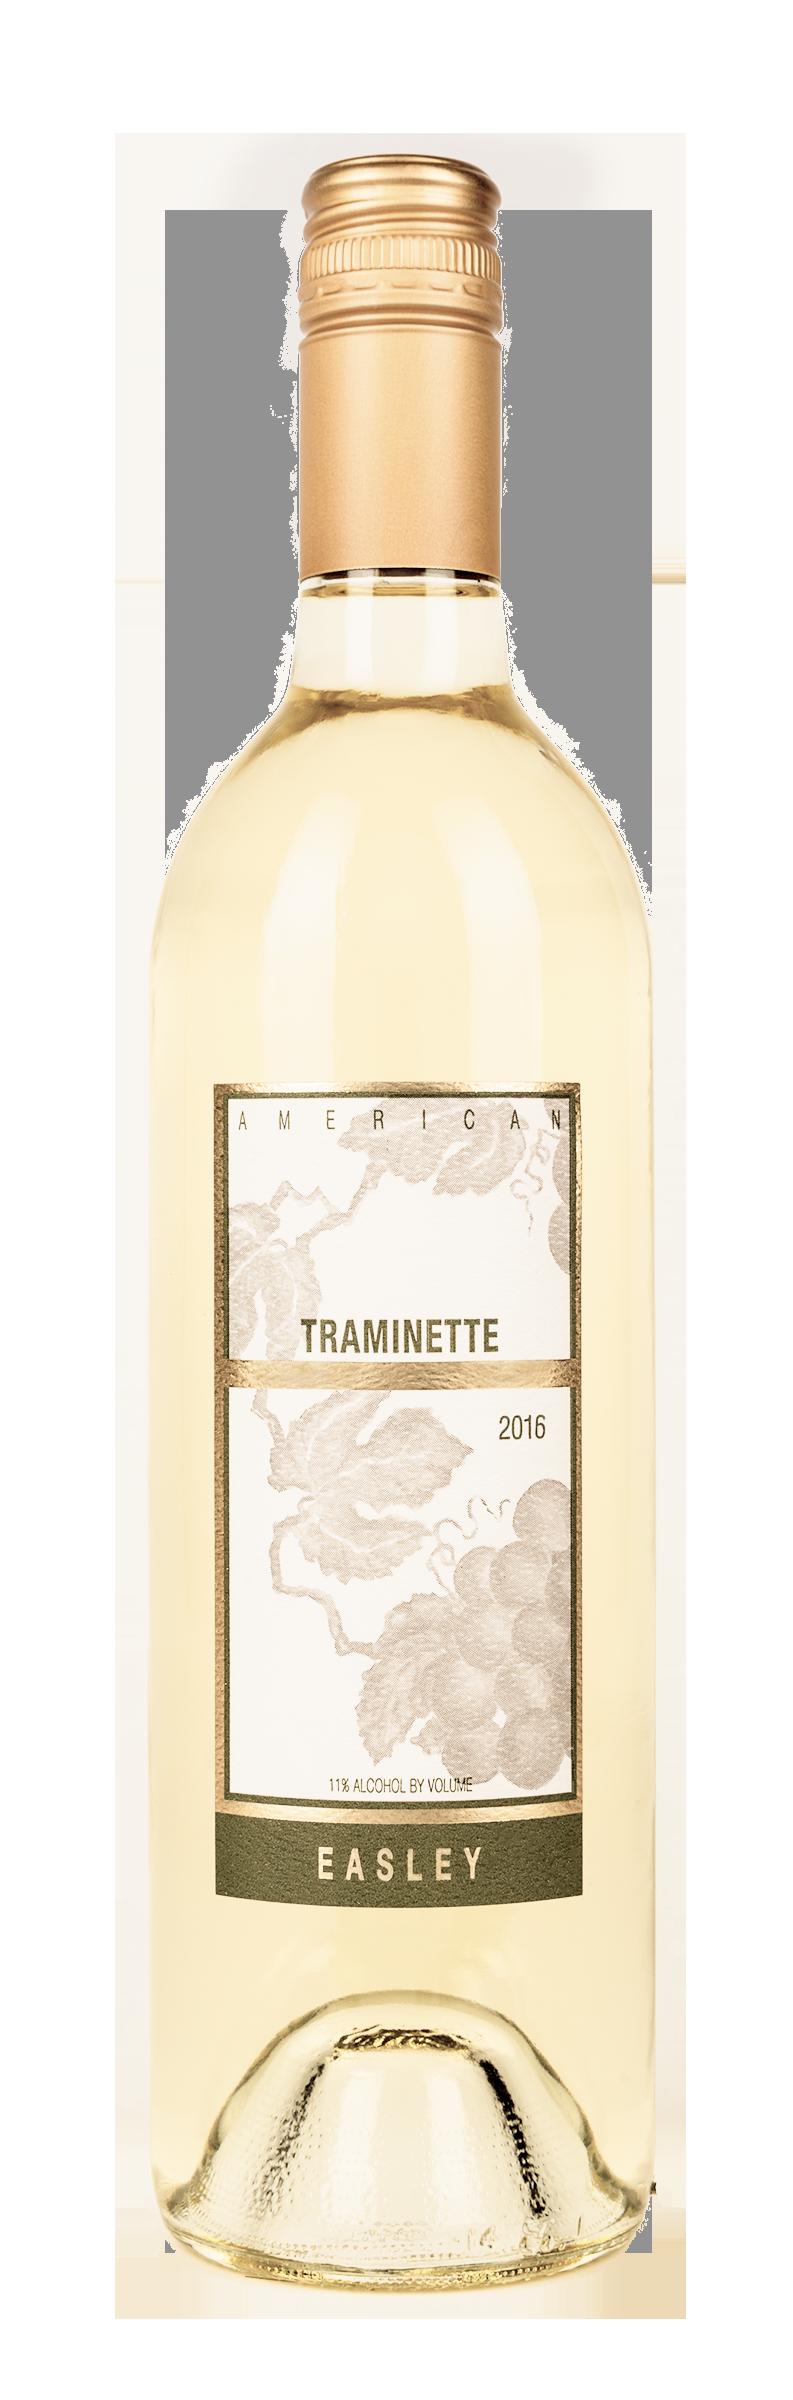 2016 Traminette